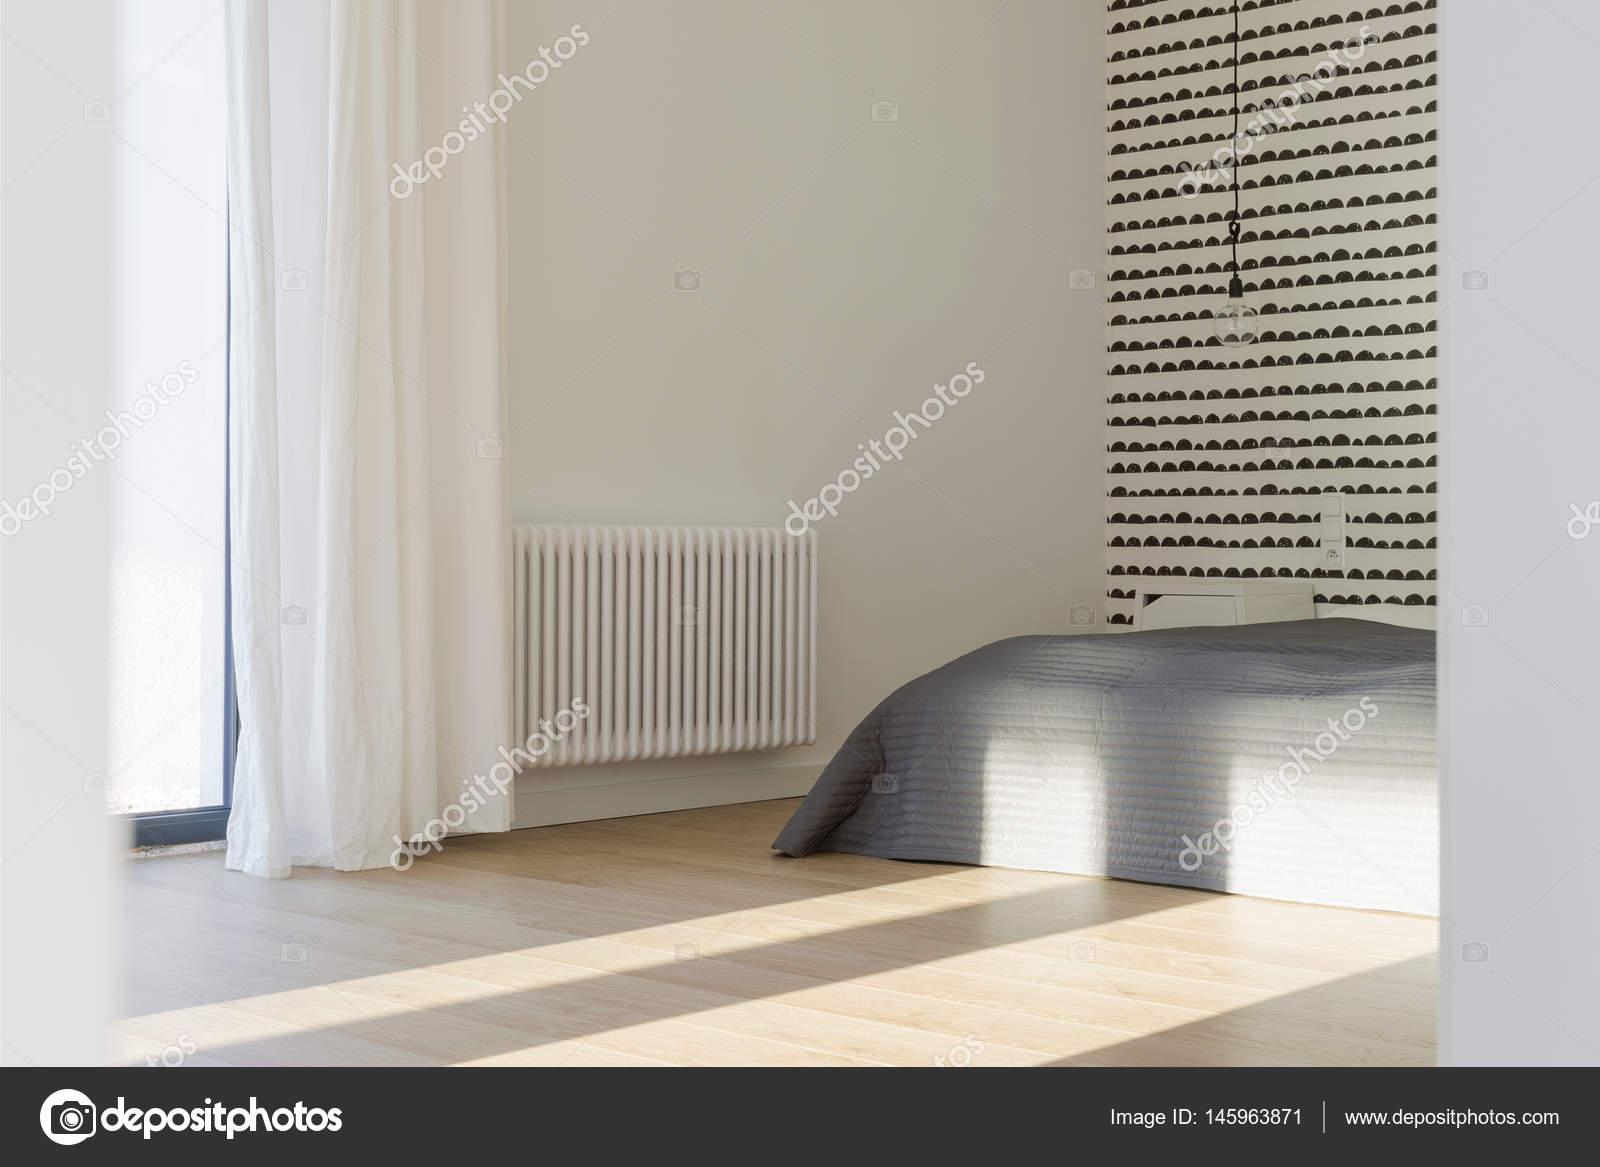 Exceptionnel Chambre Simple Moderneu2013 Images De Stock Libres De Droits